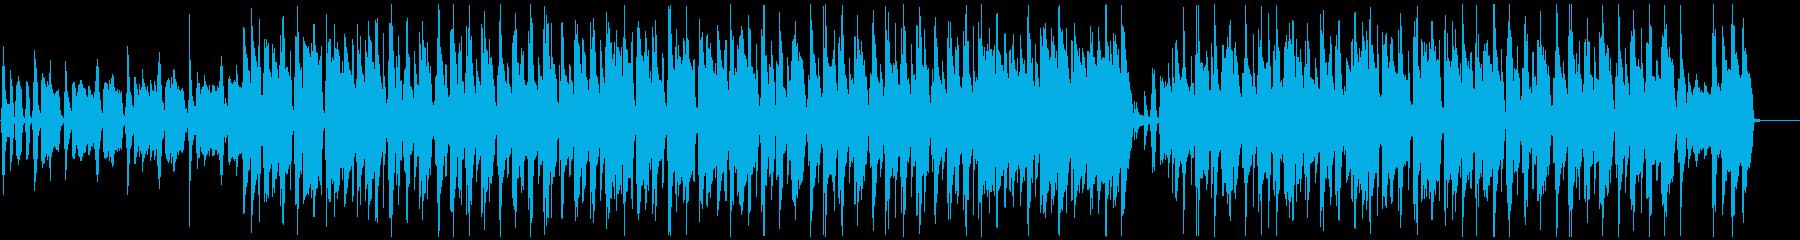 ほのぼの可愛いリコーダーとウクレレの楽曲の再生済みの波形